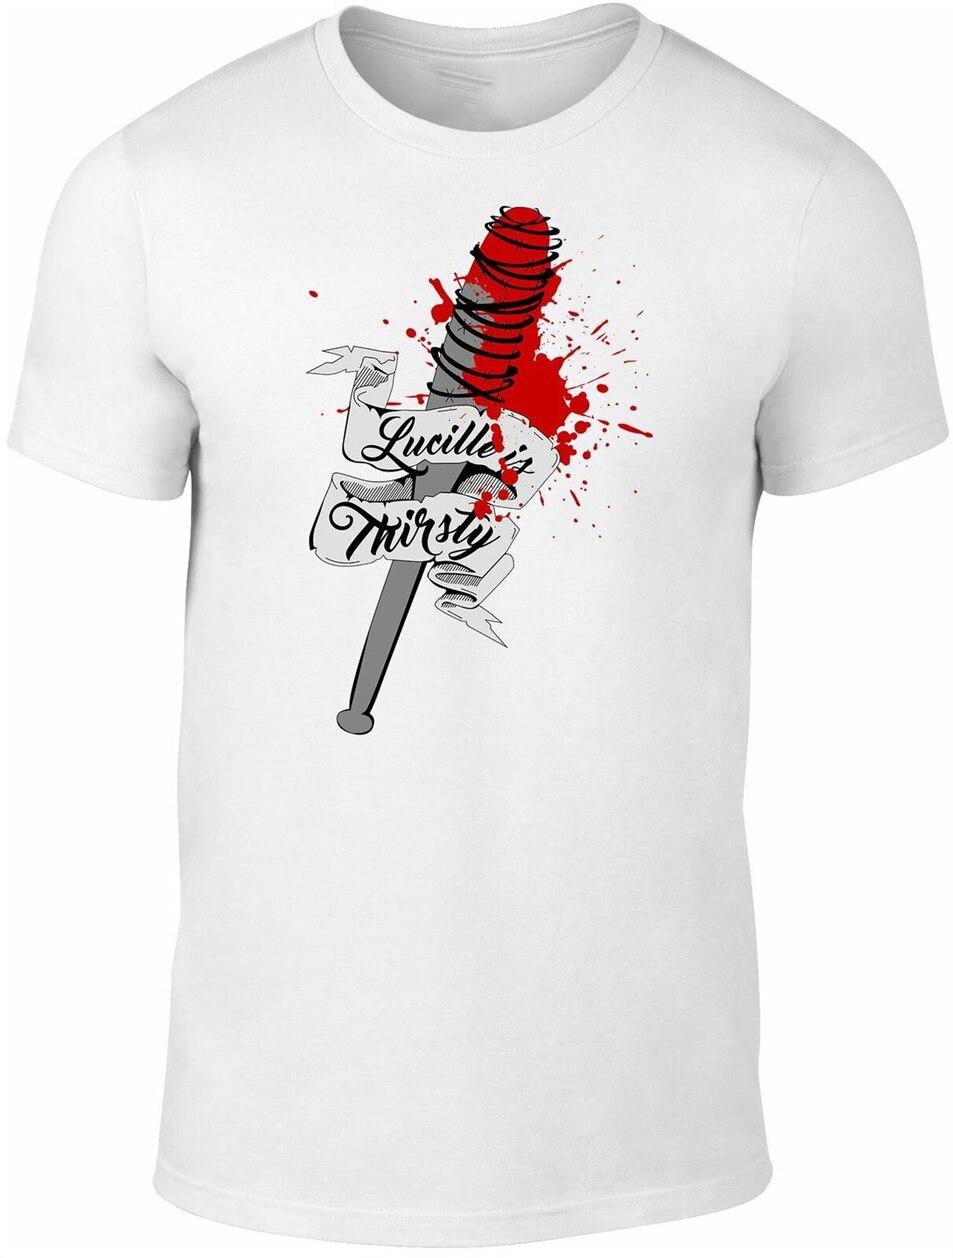 Camiseta de Lucille Is thirty para hombre-inspirada por zombis Walking Dead Walkers Tv nueva Unisex divertida camiseta